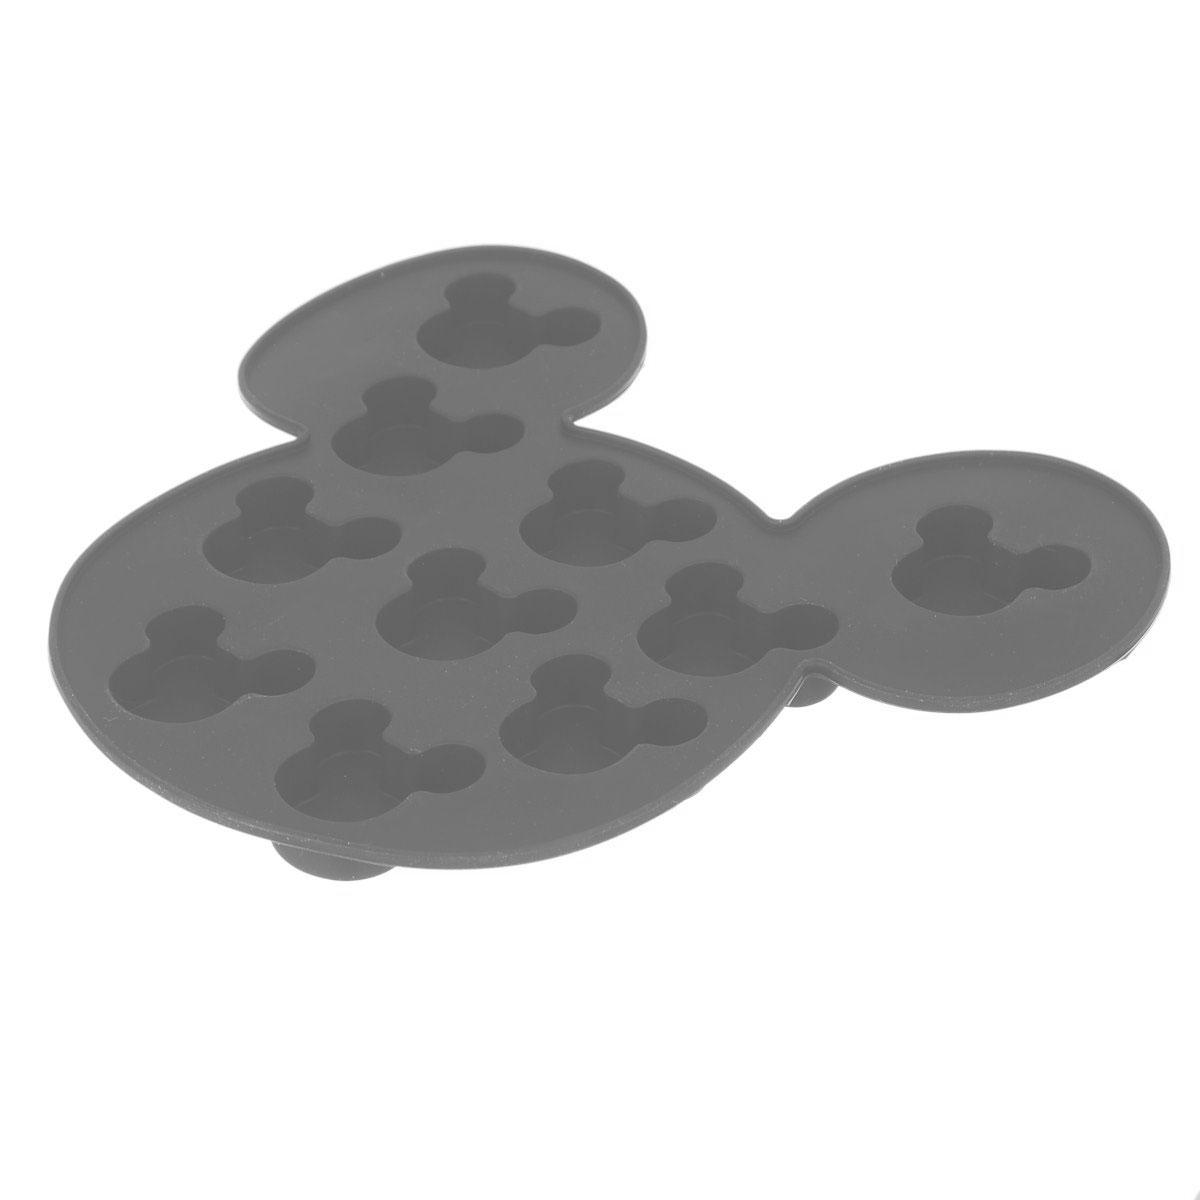 Форма для льда Disney Микки Маус, цвет: серый, 10 ячеек61132_серыйФорма Disney Микки Маус выполнена из высококачественного пищевого силикона и предназначена для изготовления шоколада, конфет, мармелада, желе, льда и выпечки. На одном листе расположено 10 ячеек в виде мордочек Микки Мауса. Благодаря тому, что форма изготовлена из силикона, готовый десерт вынимать легко и просто. Силиконовые формы выдерживают высокие и низкие температуры (от -40°С до +230°С). Они эластичны, износостойки, легко моются, не горят и не тлеют, не впитывают запахи, не оставляют пятен. Силикон абсолютно безвреден для здоровья. Чтобы достать льдинки, эту форму не нужно держать под теплой водой или использовать нож. Можно использовать в микроволновой печи, мыть в посудомоечной машине и хранить в холодильнике.Упаковка содержит описание рецептов ягодного льда и шоколадных конфет.Общий размер формы: 16 х 15 х 1,5 см. Количество ячеек: 10 шт.Размер ячеек: 3 х 2,5 х 1 см.